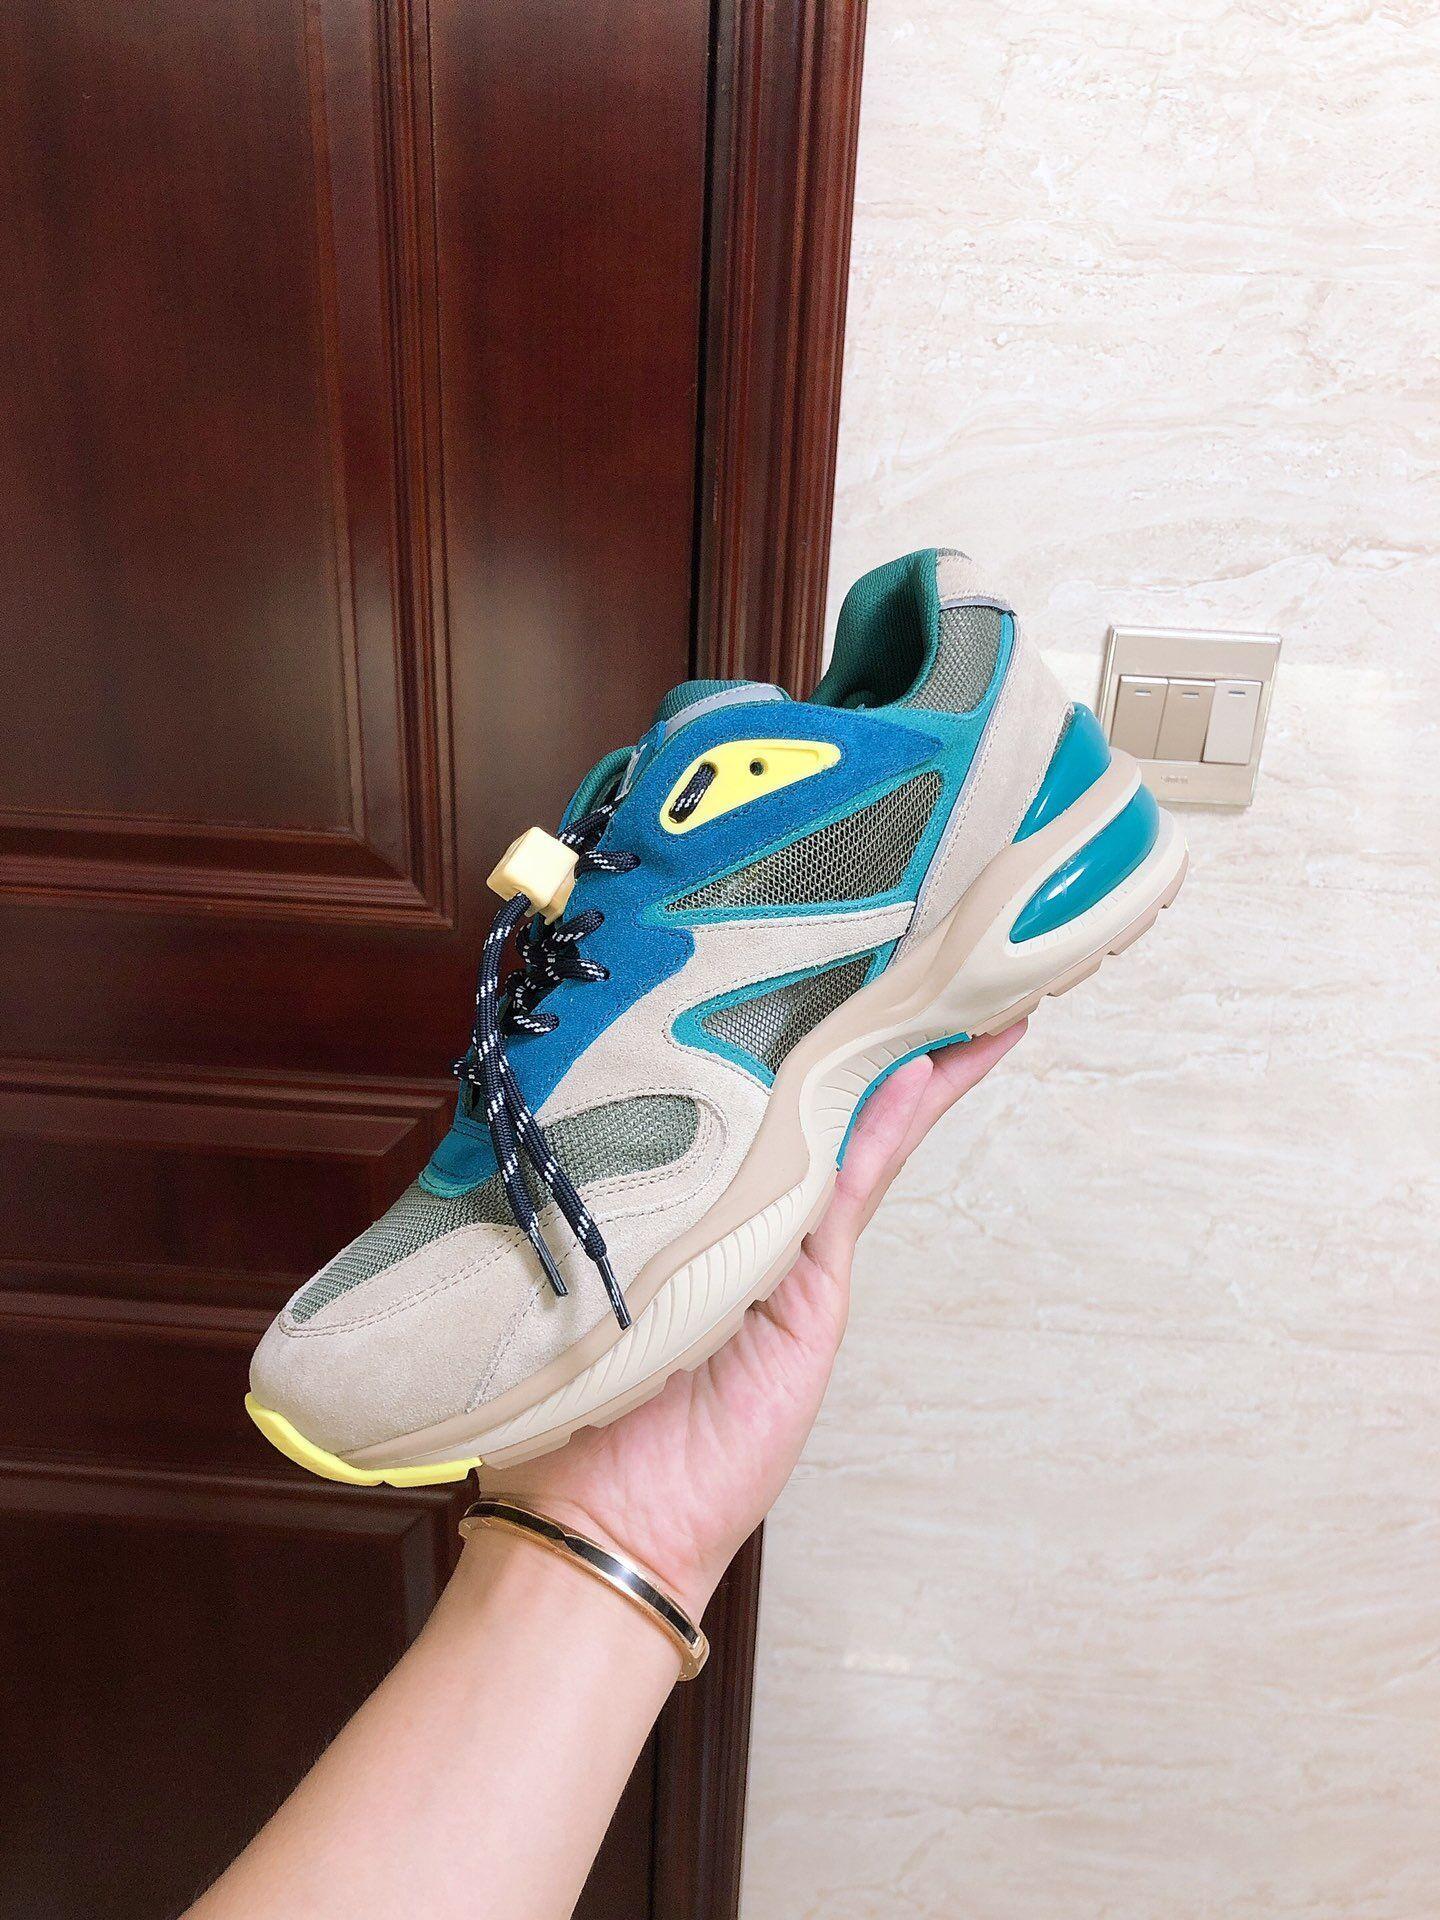 trail sneaker 1A7PEF    sneaker    men shoes    sneaker 1A7PEF  5